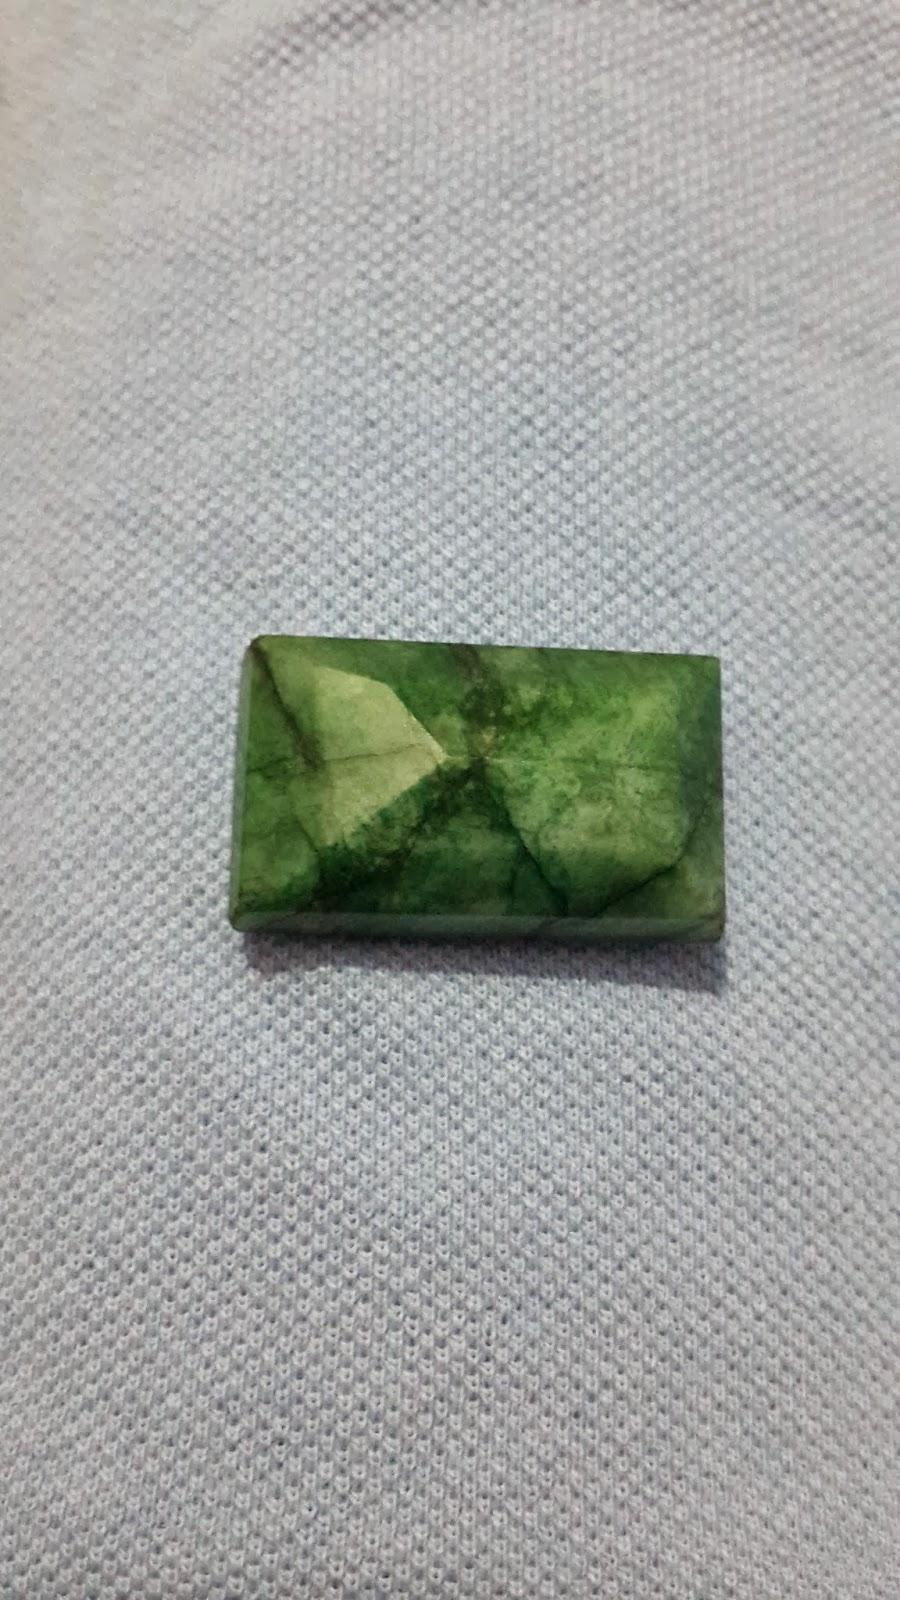 Emerald In Islam İslam Da Z 220 Mr 220 T Zumrut Zomrot Zomrut